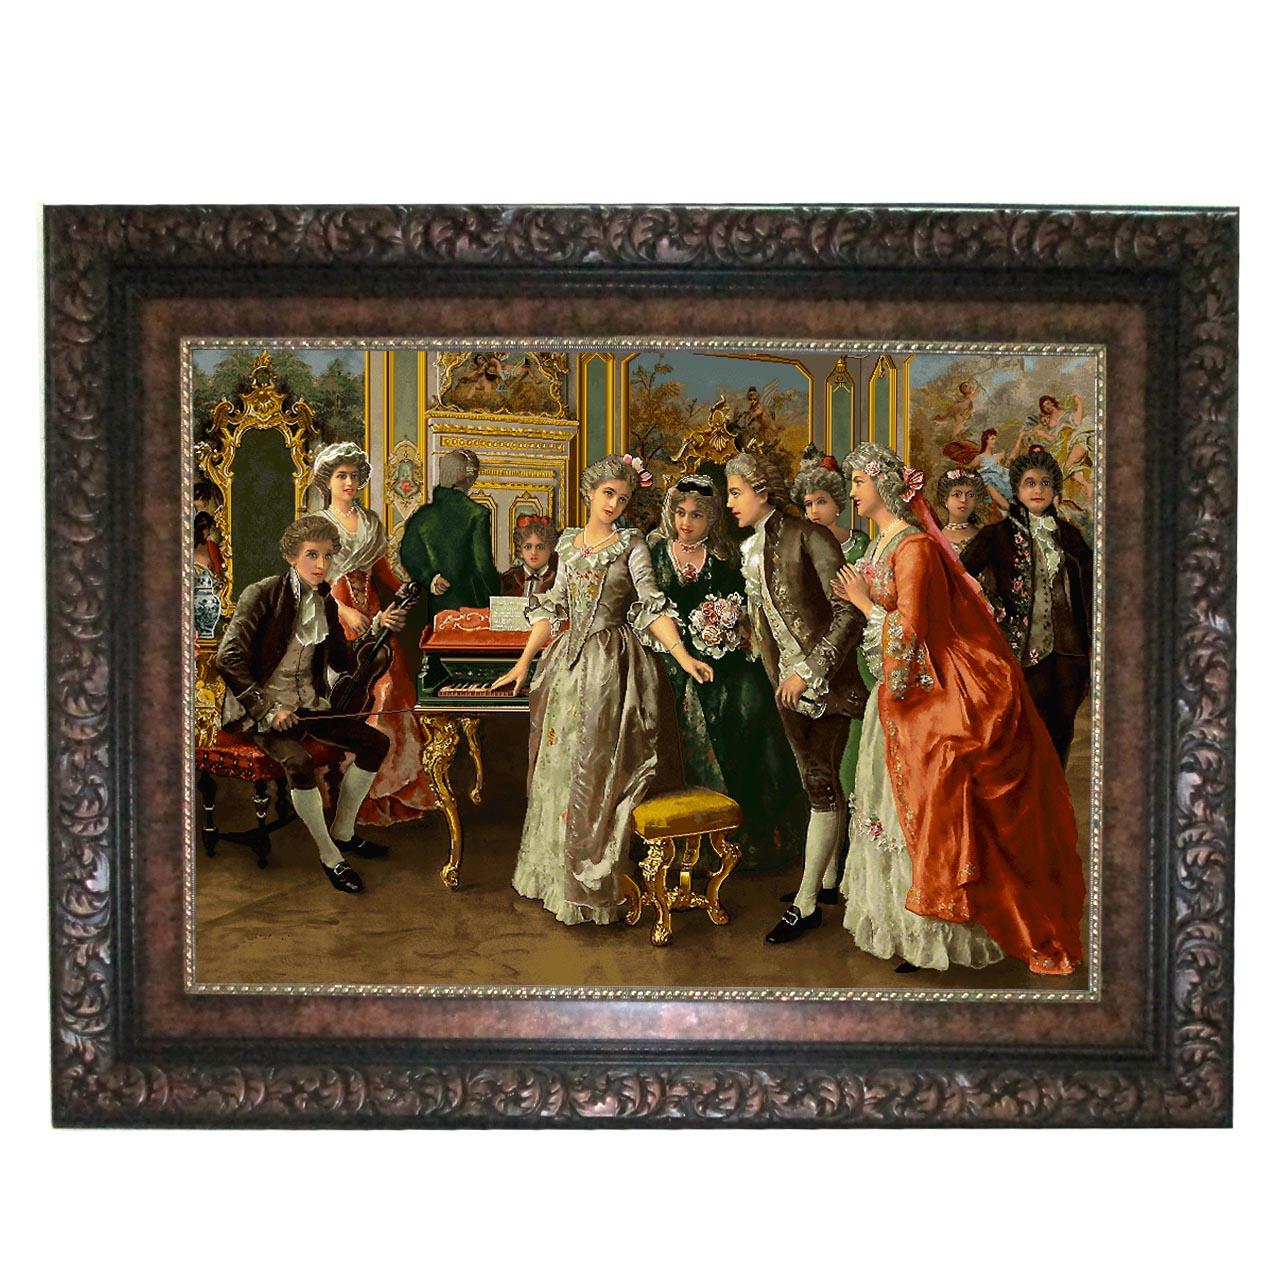 تابلو فرش ماشینی نقش نگار رضوی طرح پیانو زن کد 637B